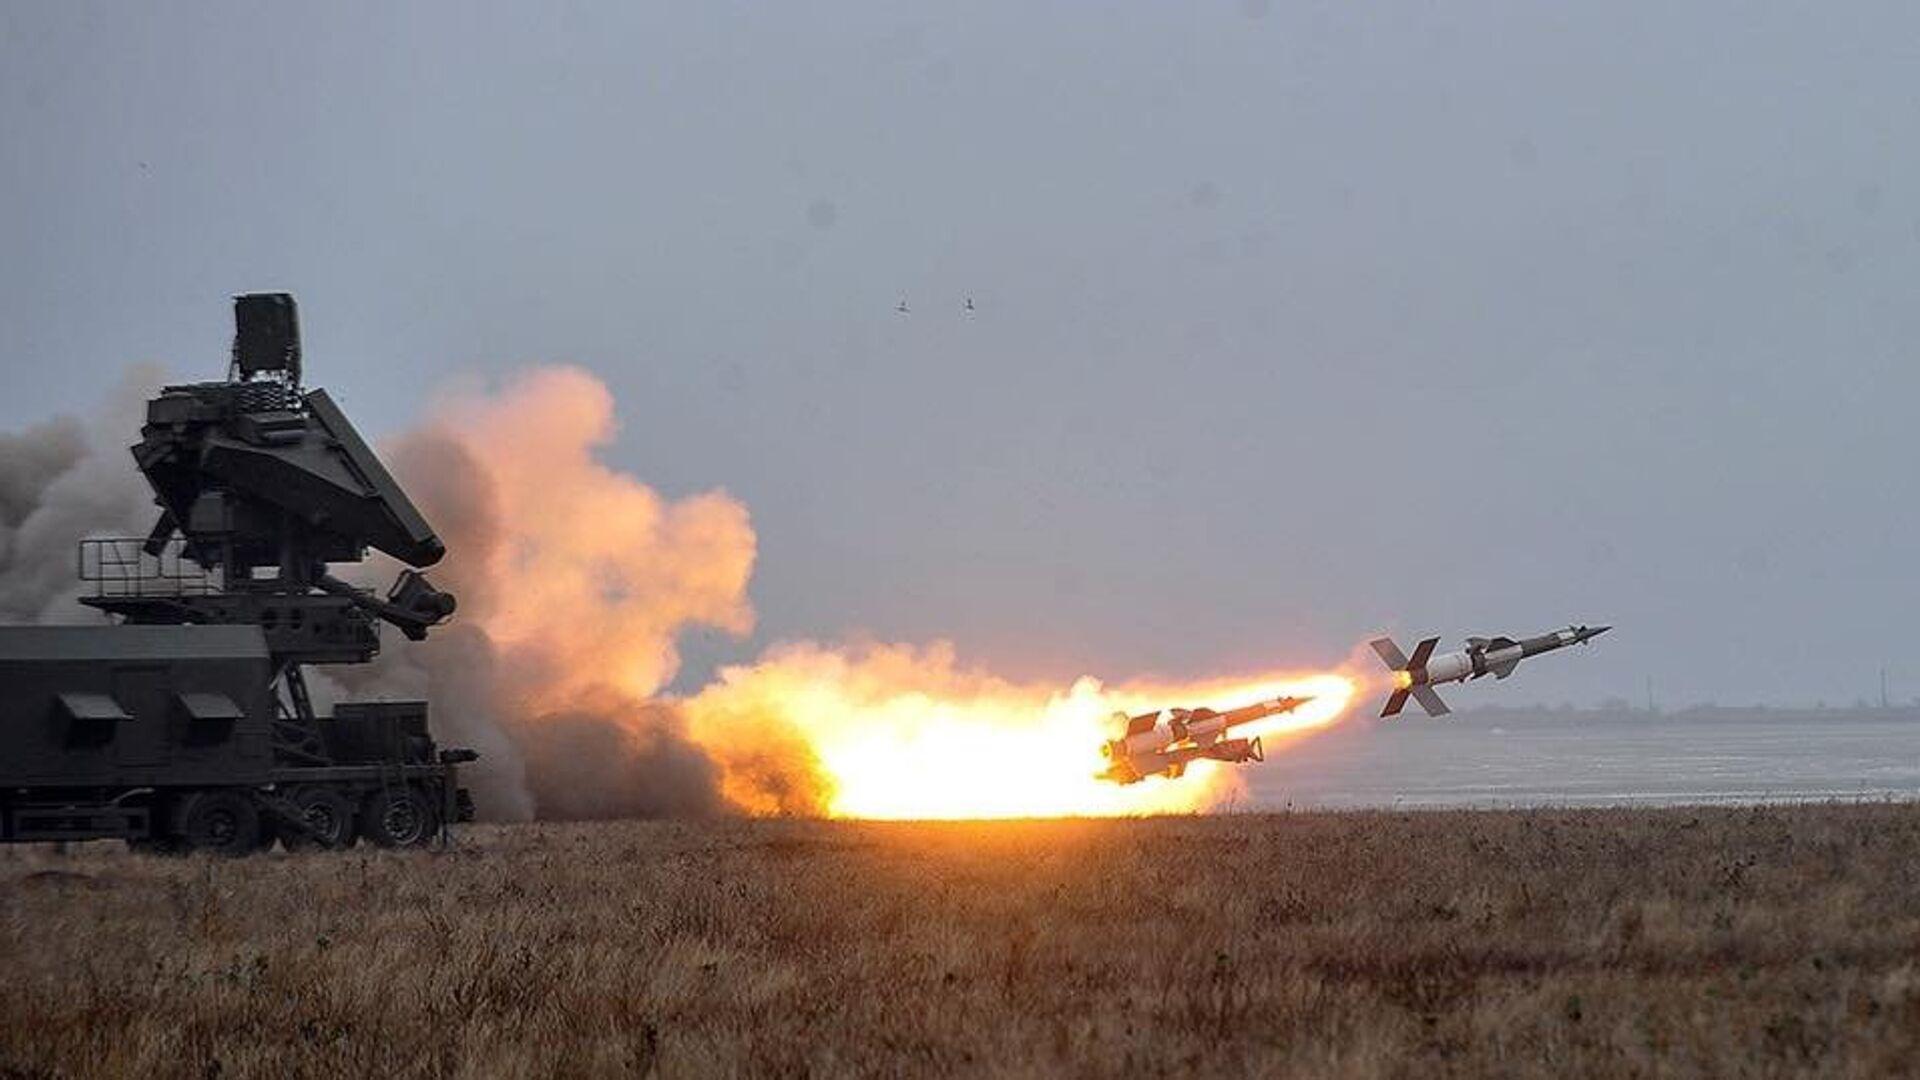 Испытание ракетного комплекса С-125 на полигоне в Одесской области - РИА Новости, 1920, 13.05.2021